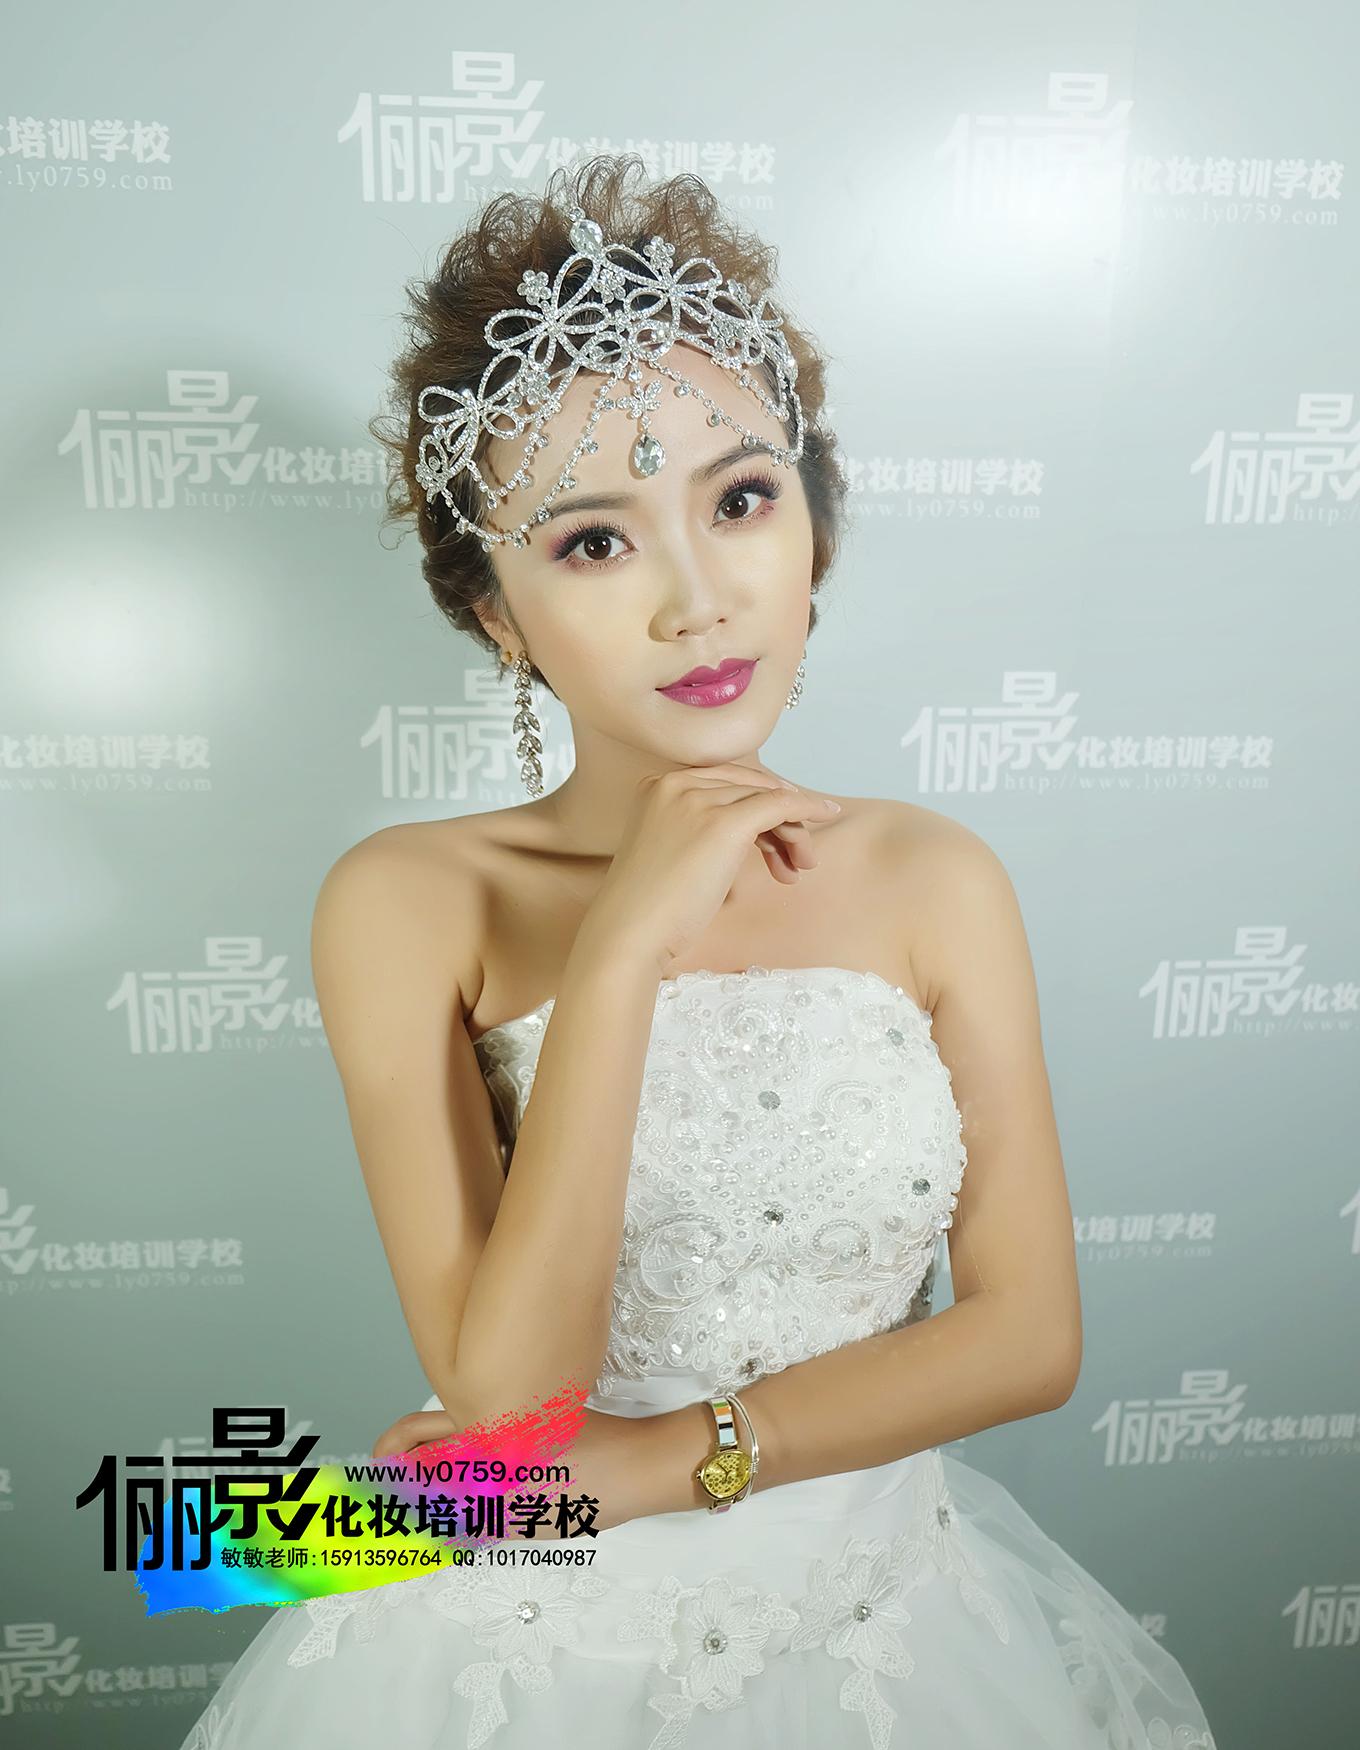 造型化妆师,选化妆造型师夜班配培训机构认准湛江俪影化妆美容培训学校